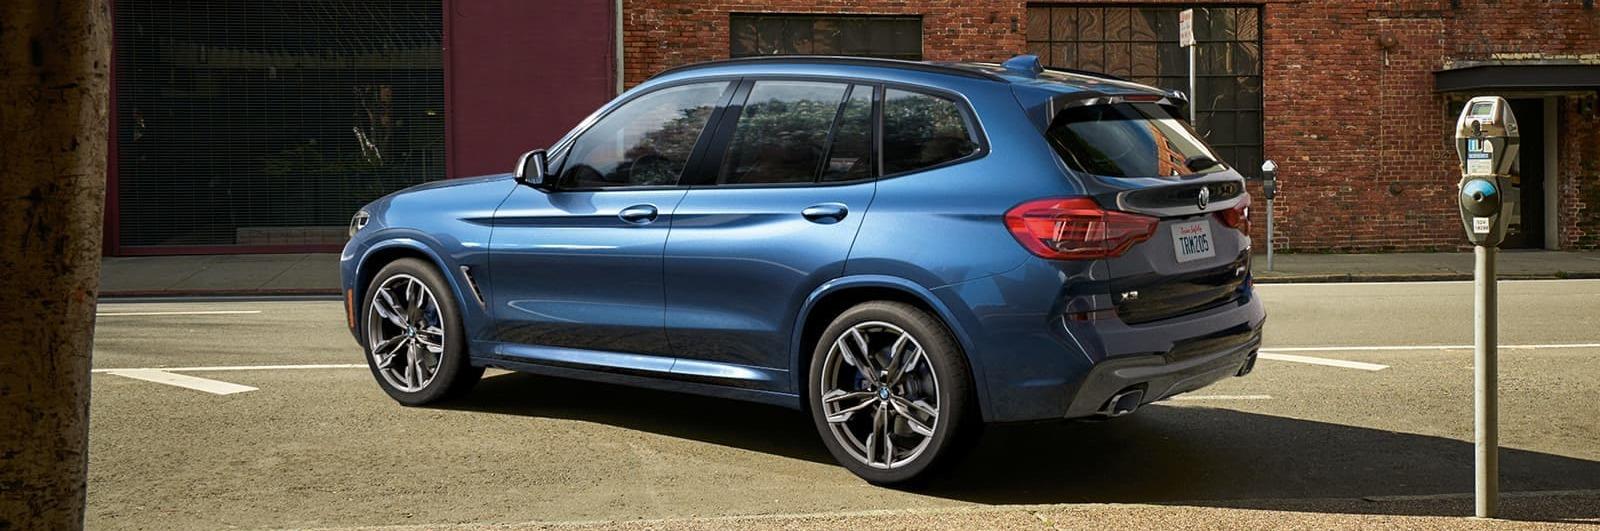 2020 BMW X3 for Sale near Dallas, TX